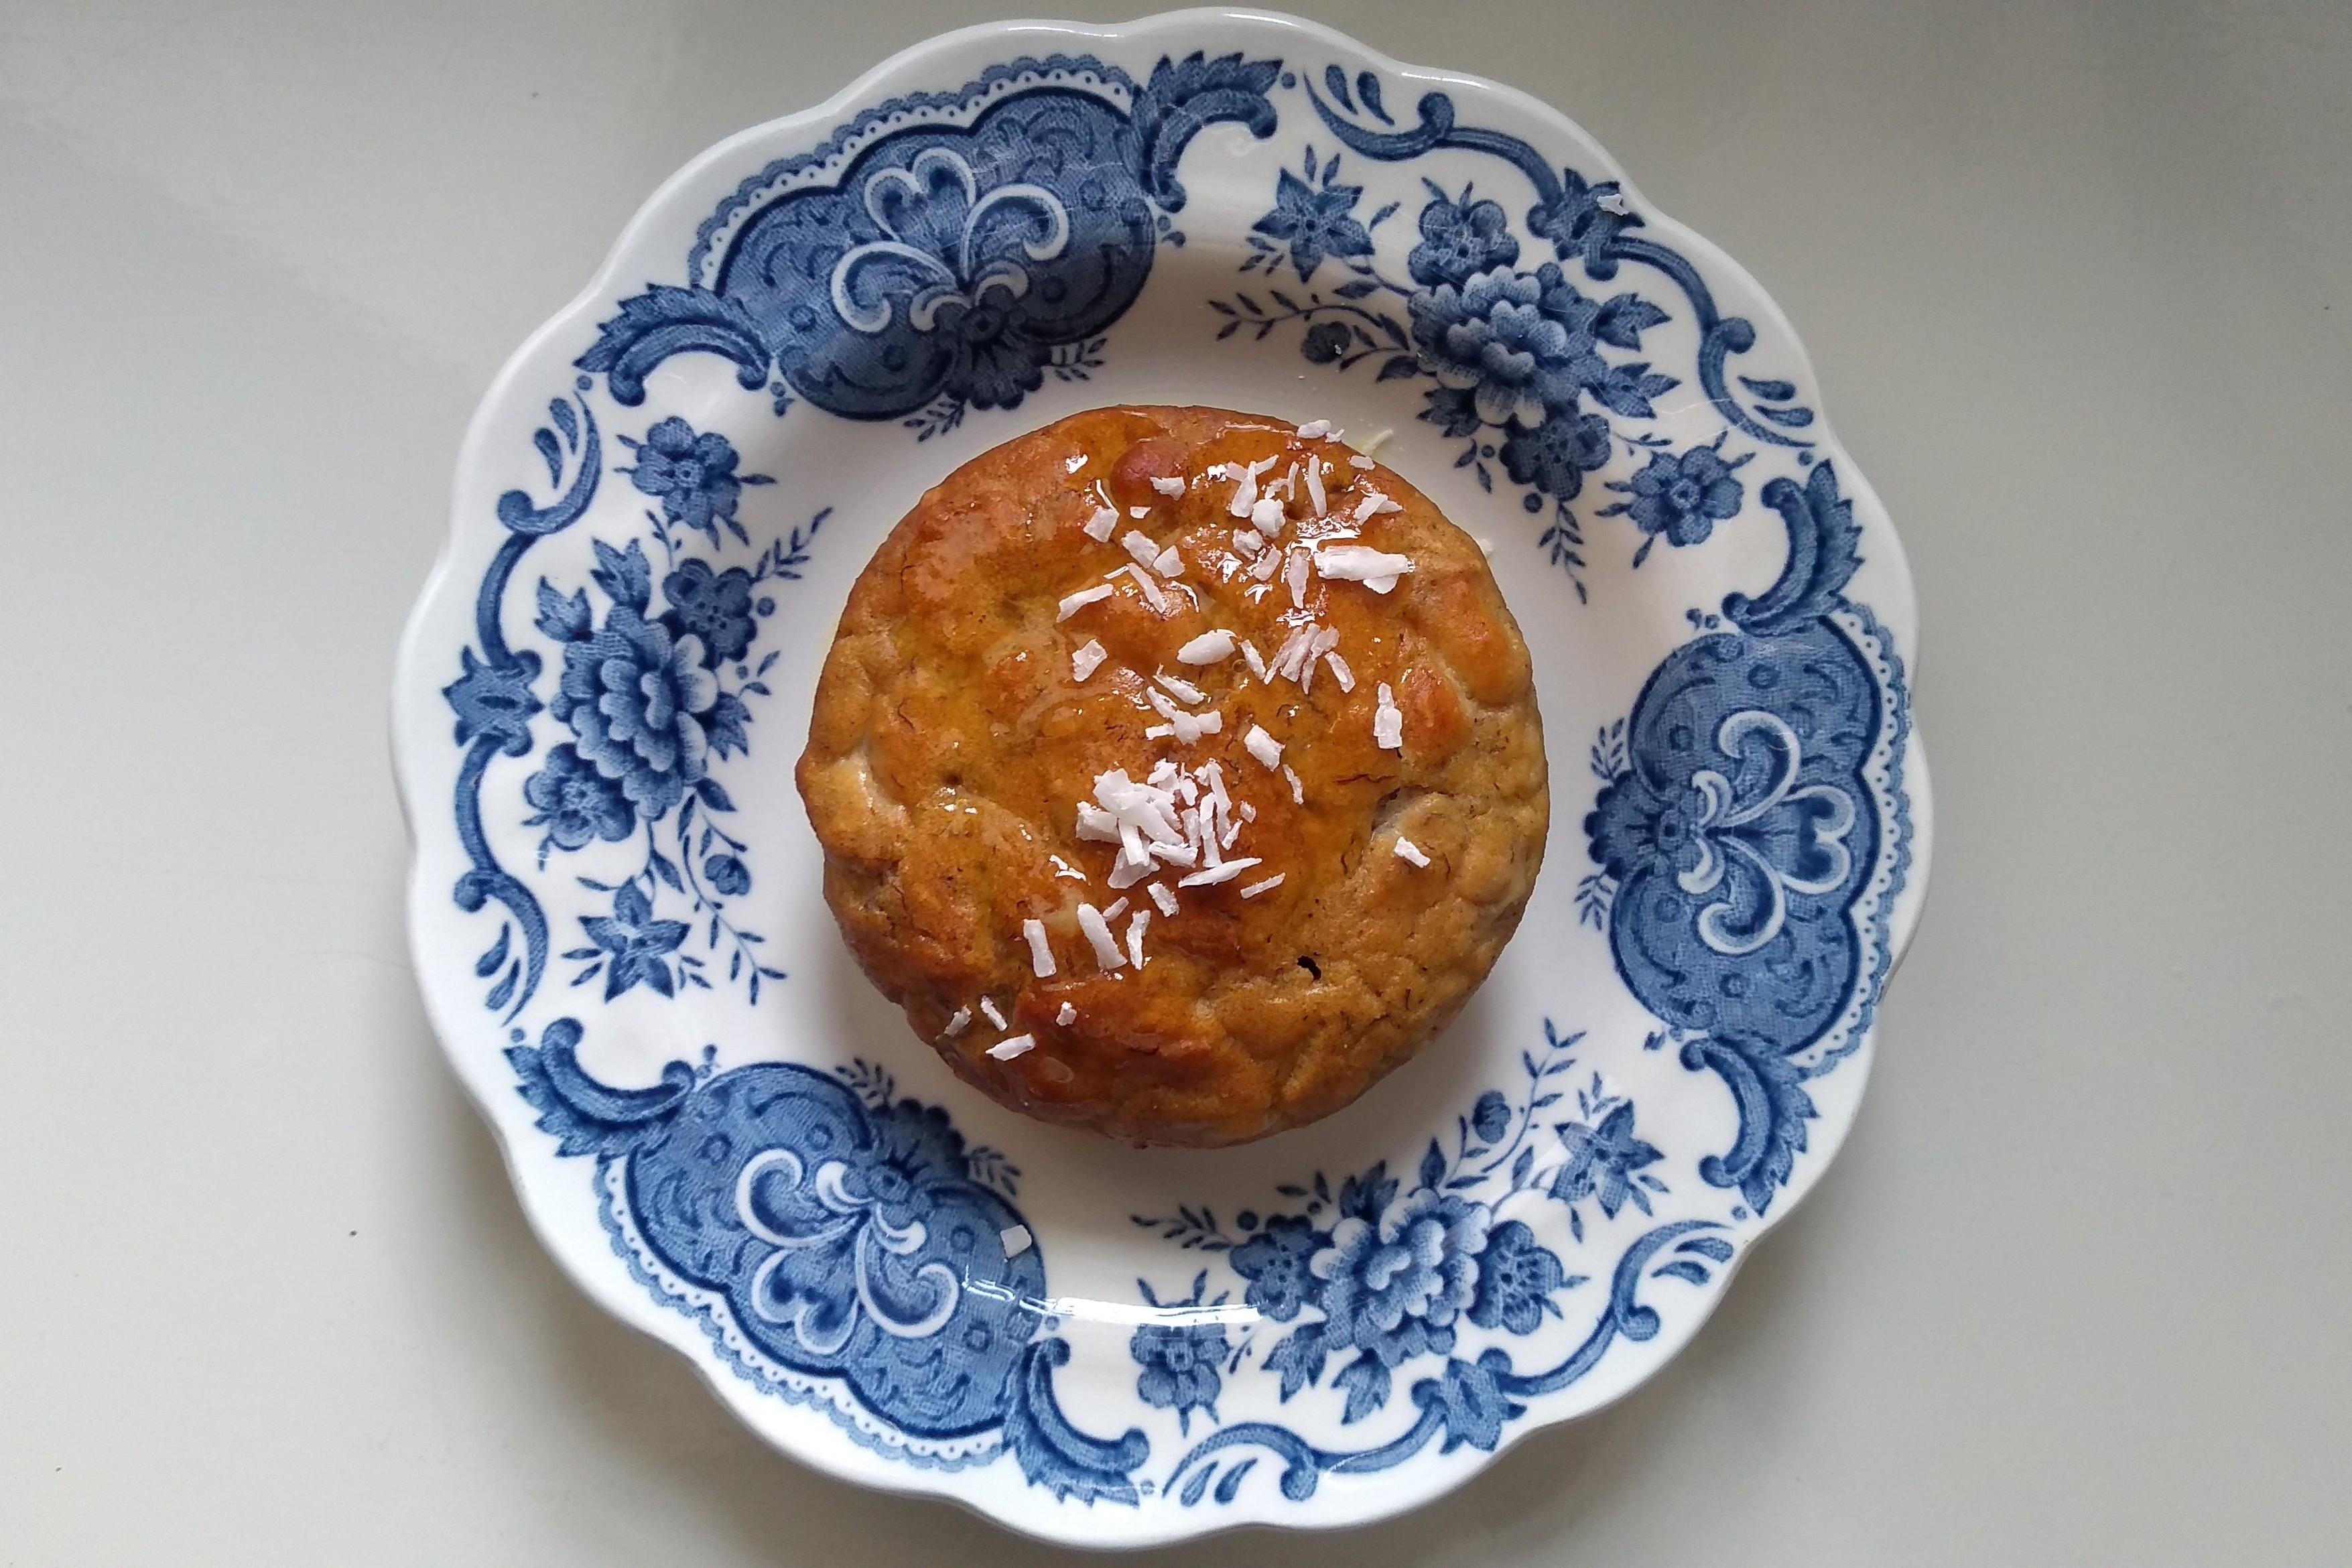 Muffins de naranja, con lo justo de azúcar añadido